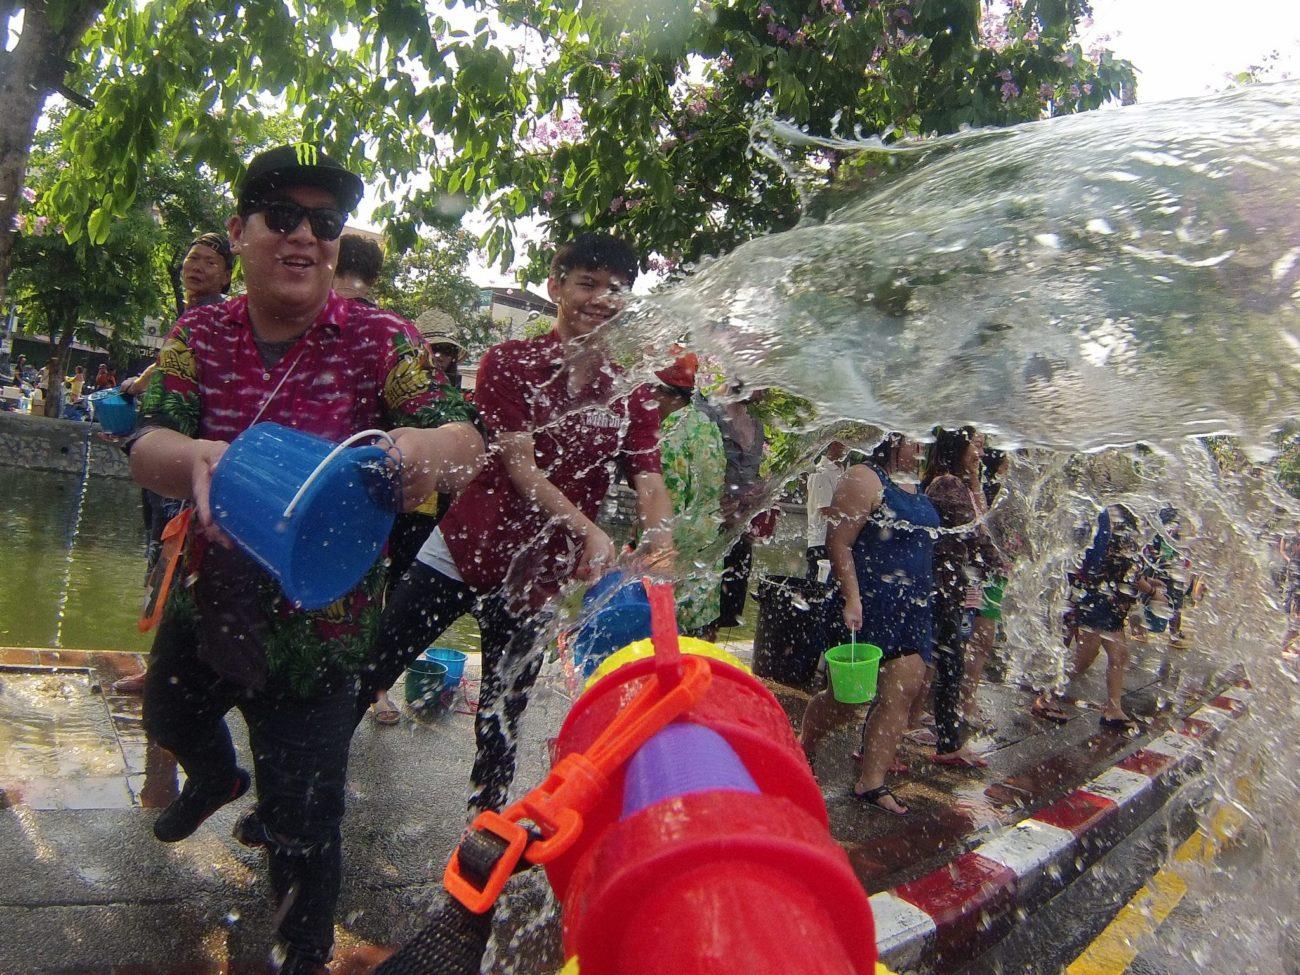 A Thailand Vagabonding Welcome: Songran 2016